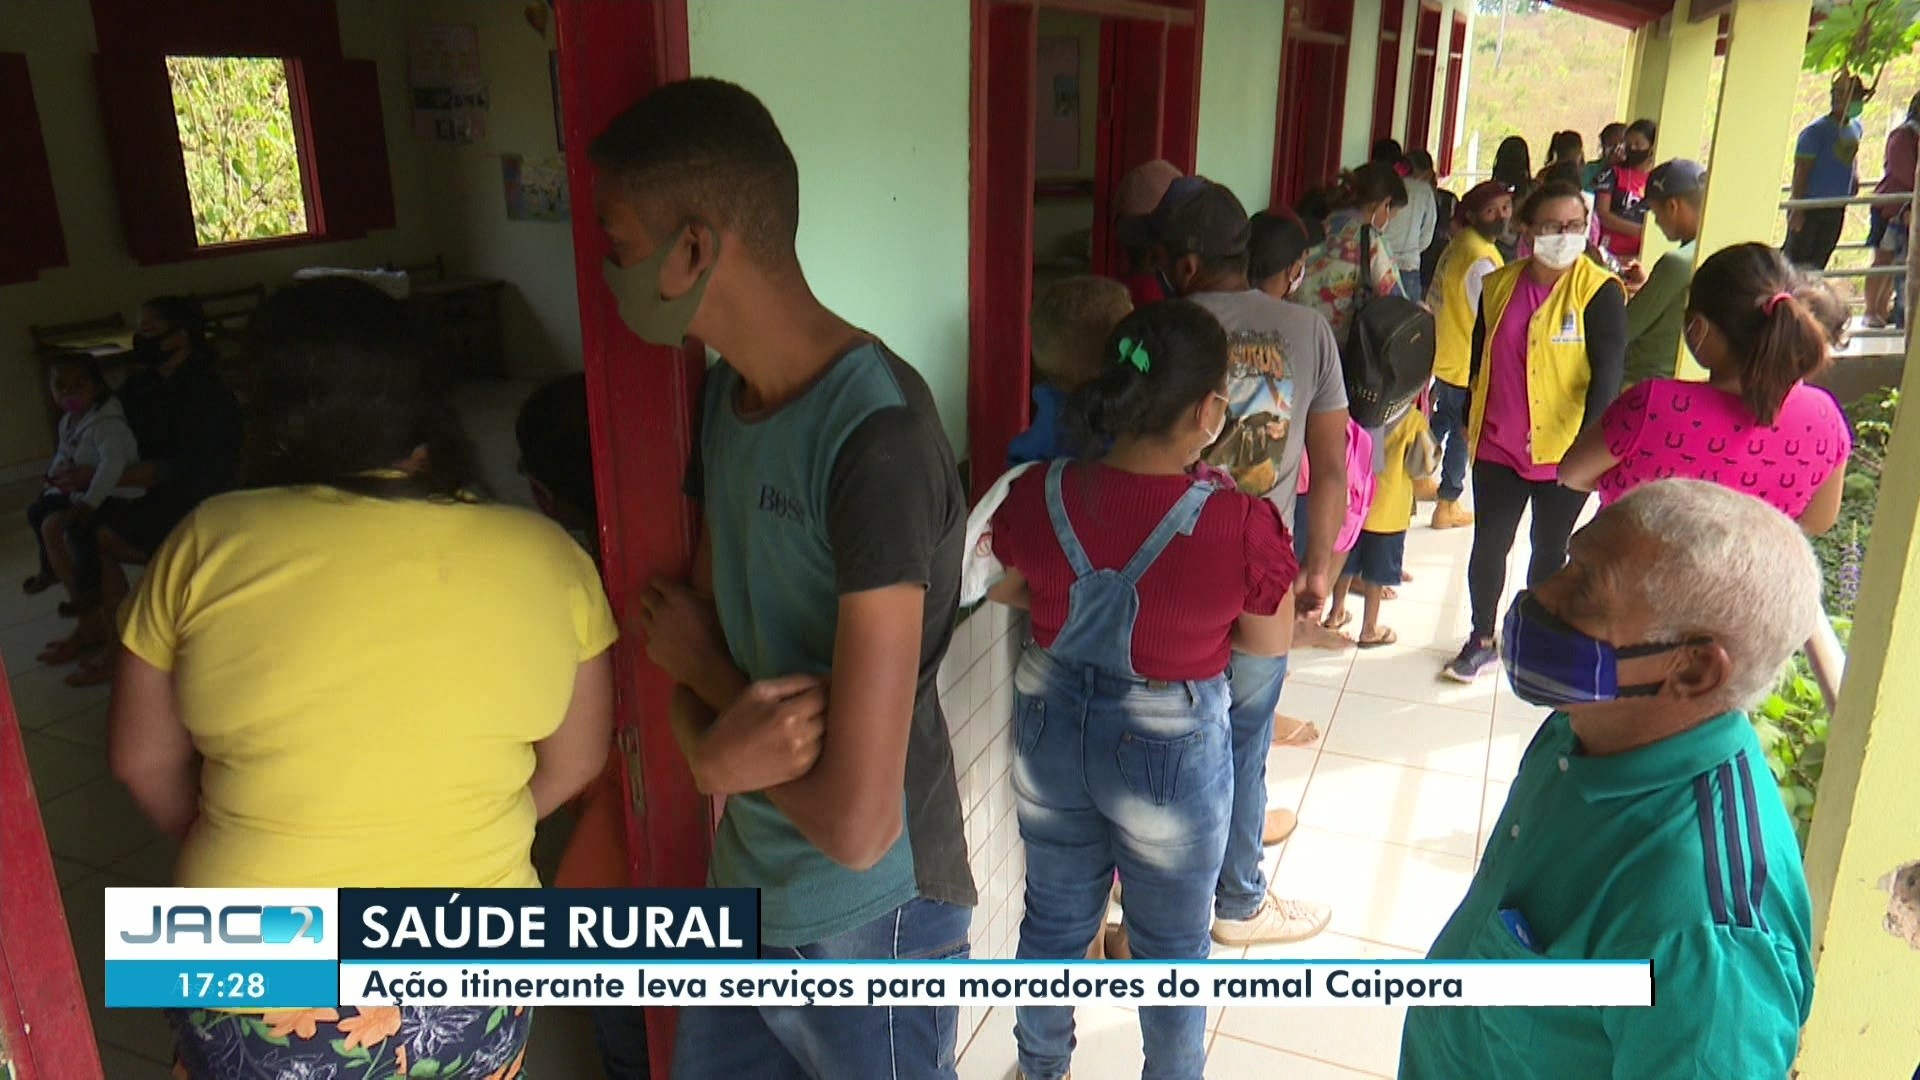 VÍDEOS: Jornal do Acre 2ª edição de sábado, 31 de julho